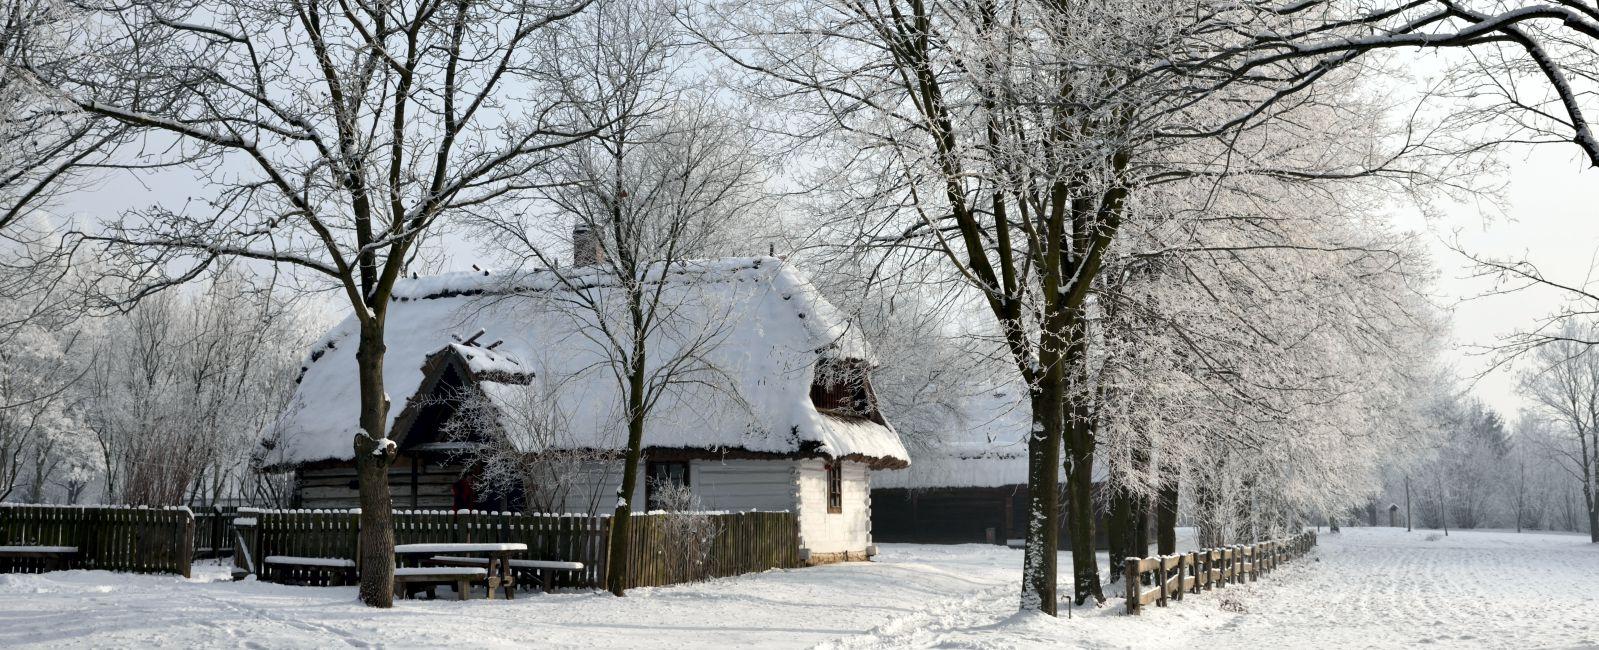 Zima w skansenie